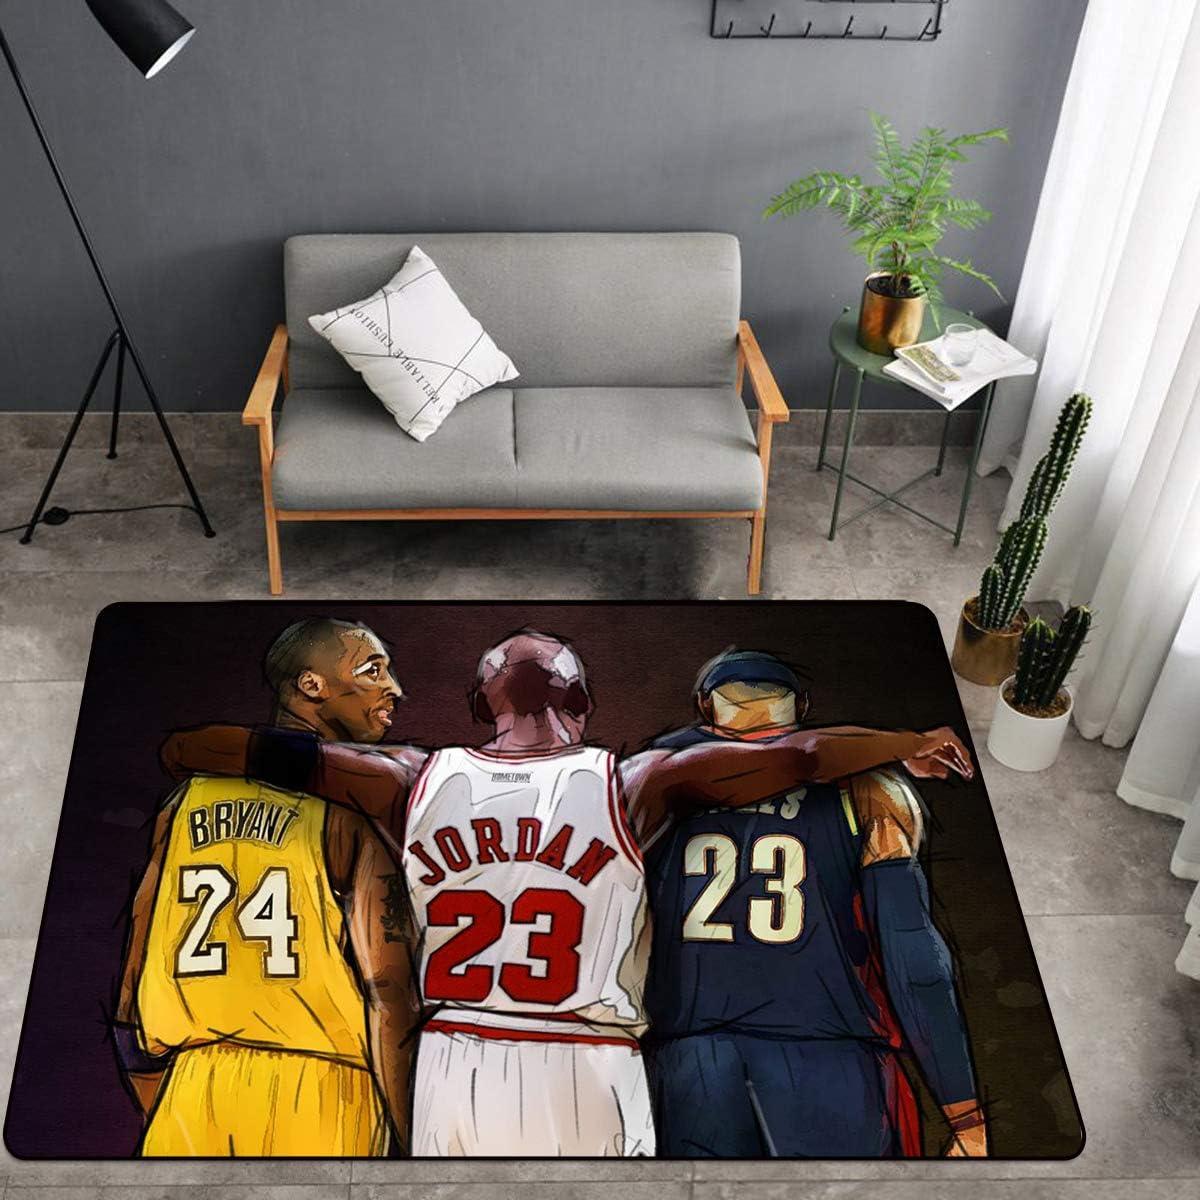 USA Basketball NBA Stars 3D Print Large Area Rugs for Boys Girls Kids Baby Bedroom, Polyester Fiber Non-Slip Home Decor Carpets, Crystal Velvet Sofa Floor Mat for Living Room